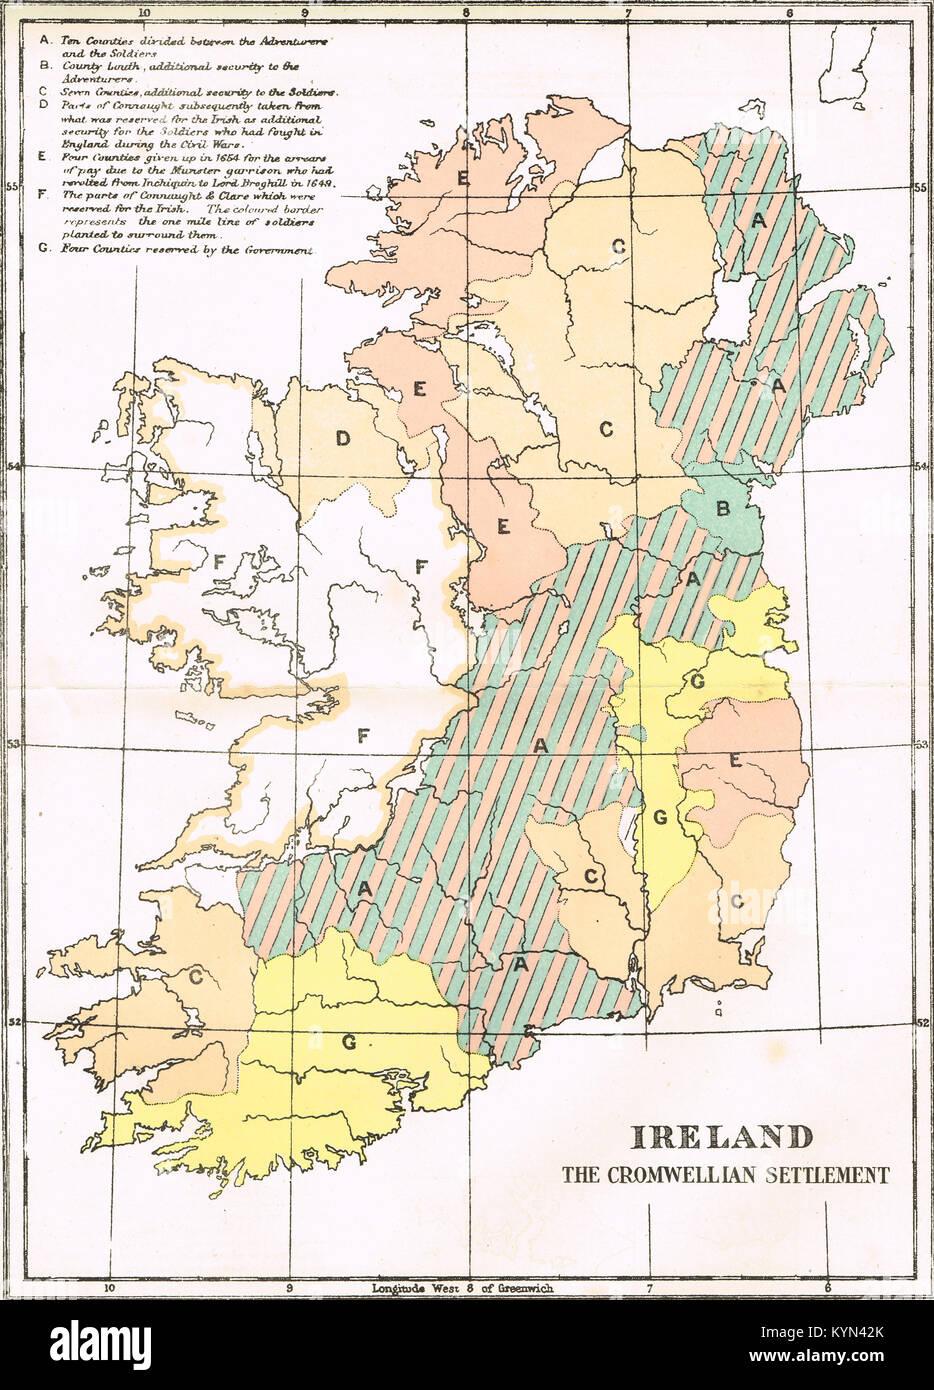 Mappa del Cromwellian insediamento di Irlanda, 1652 Immagini Stock